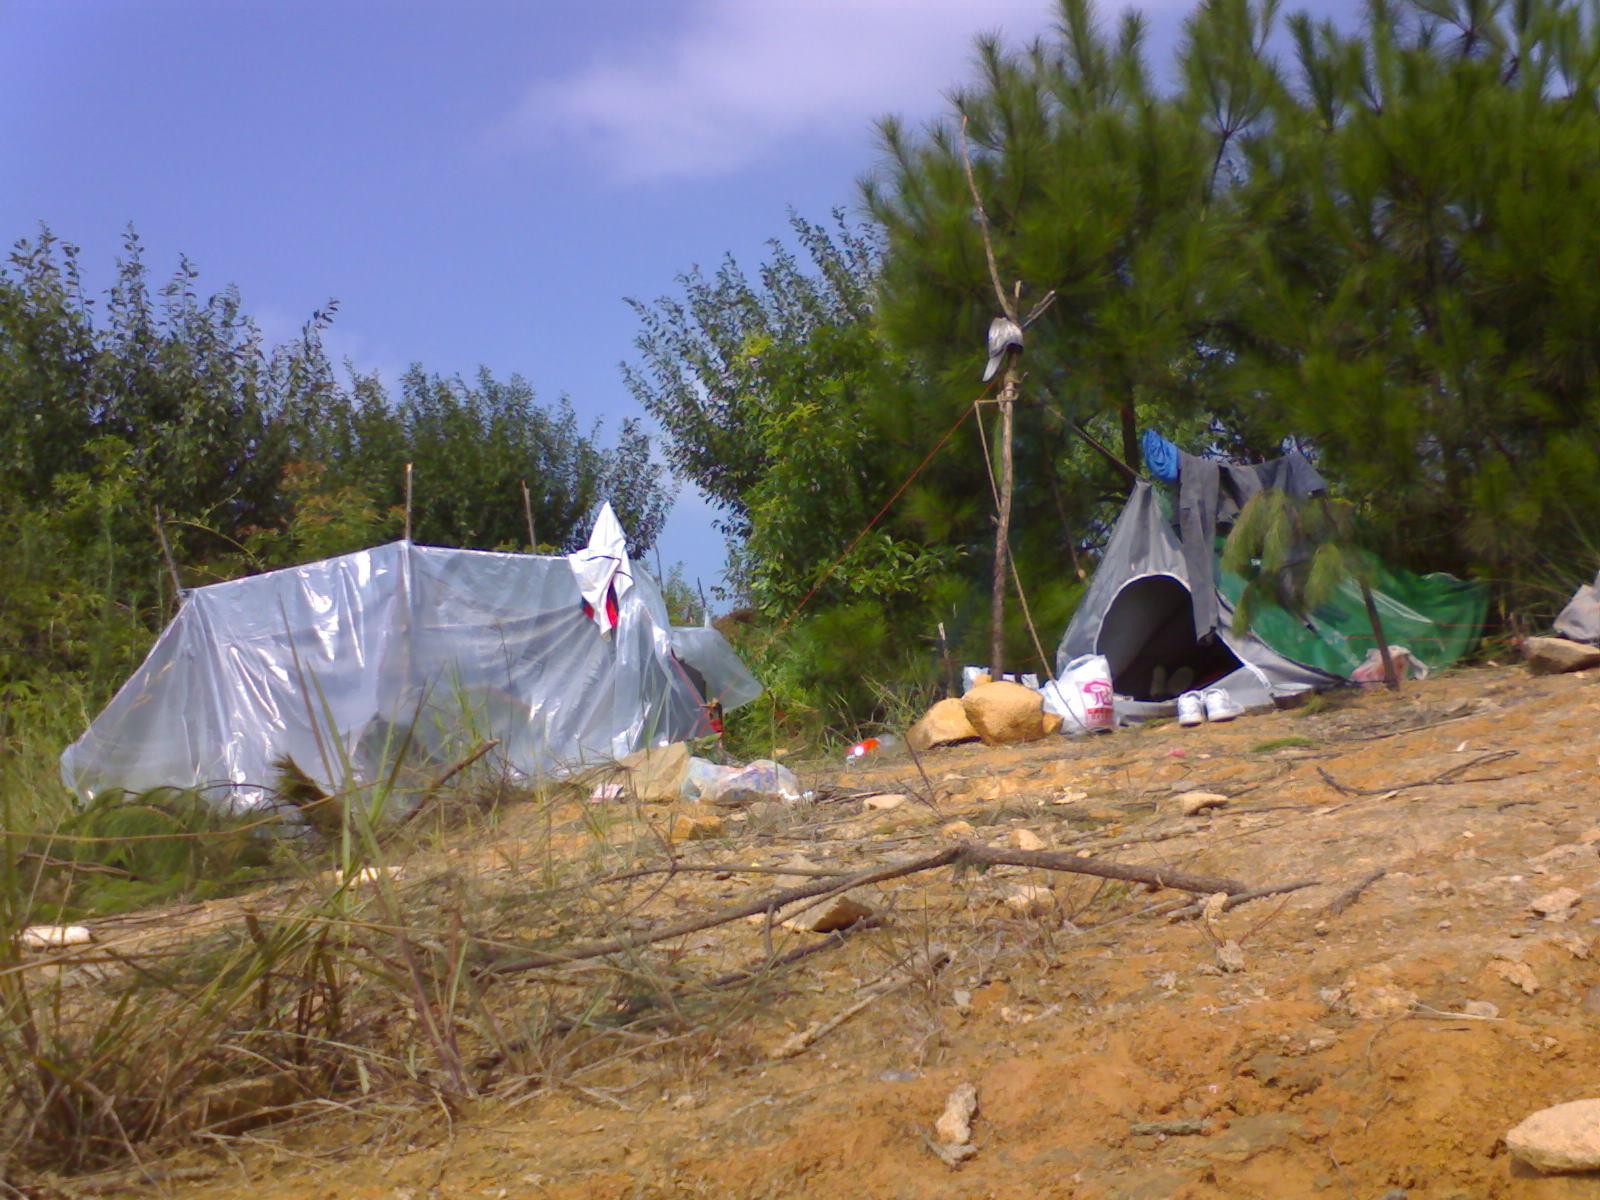 野人部落自制帐篷